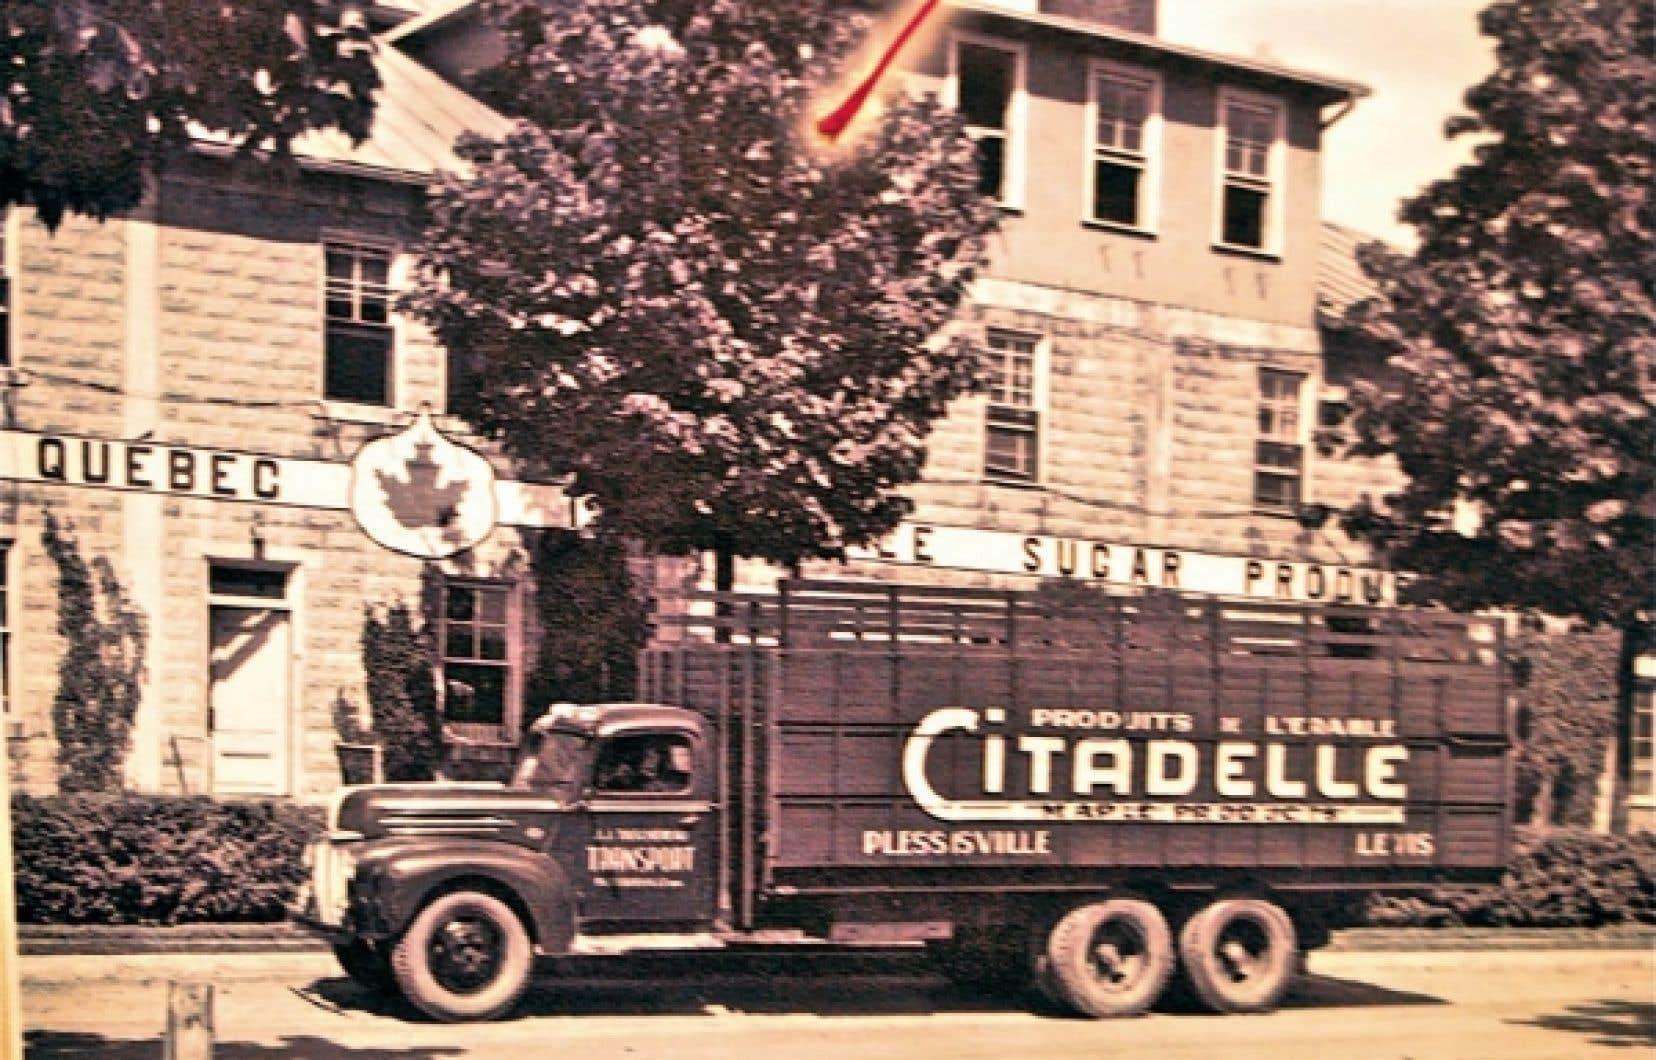 Photo d&rsquo;archives montrant un camion de livraison de Citadelle, la coop&eacute;rative de producteurs de sirop d&#39;&eacute;rable de Plessisville. <br />